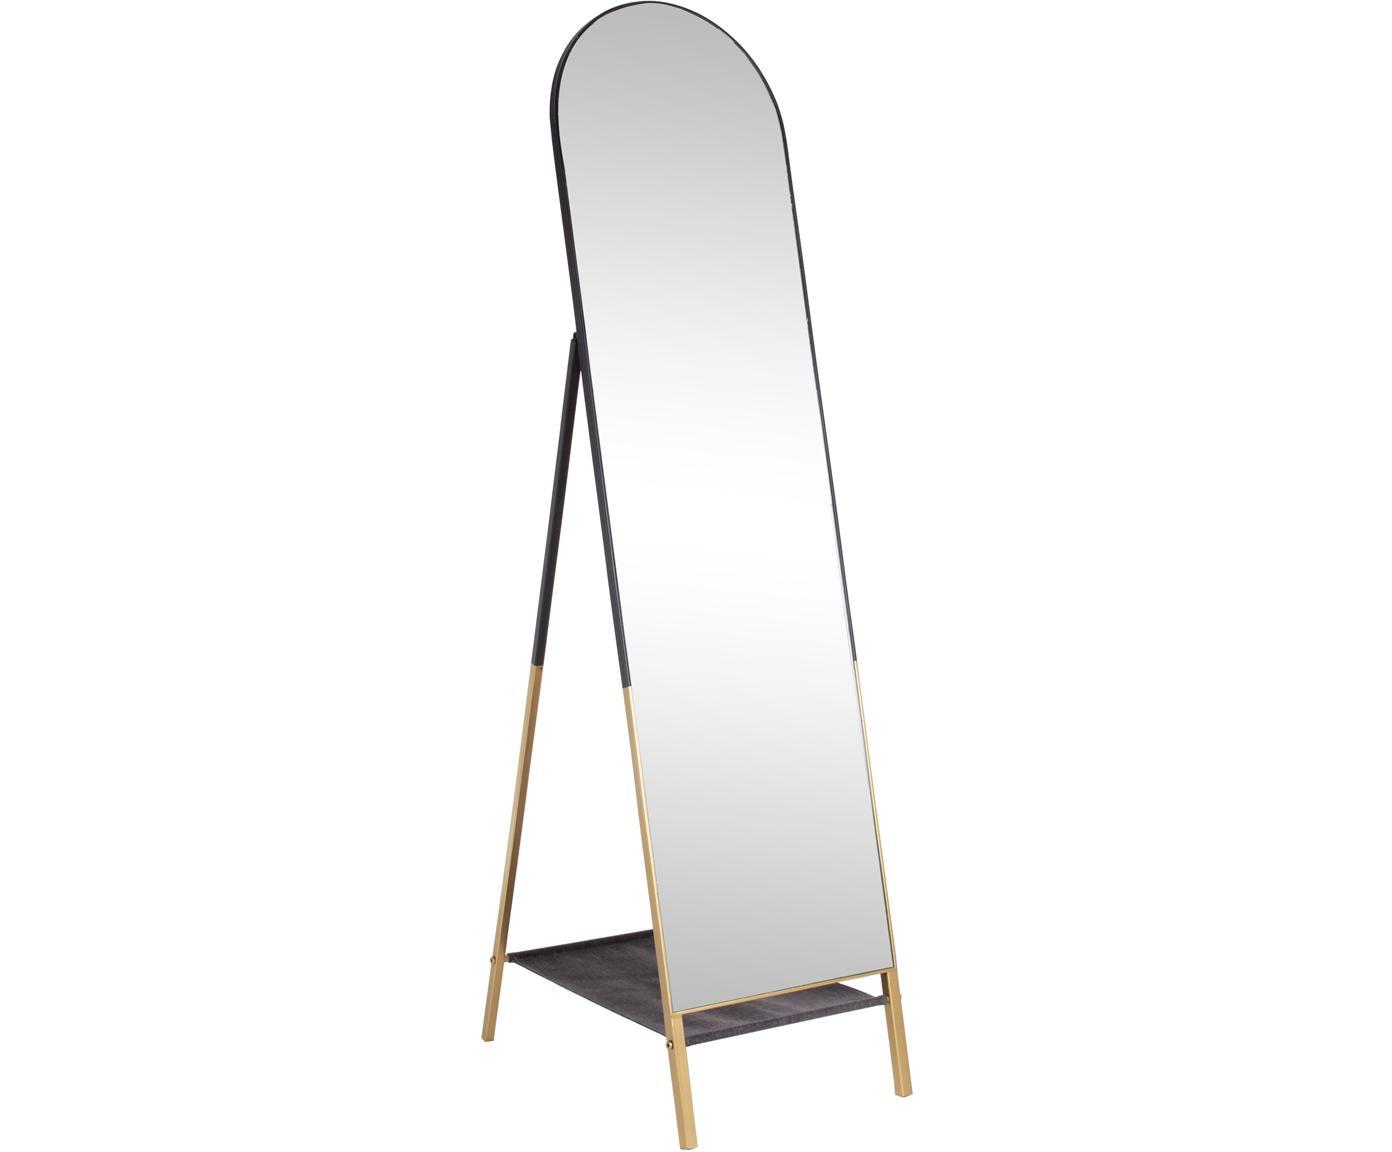 Vloerspiegel Reflix met zwarte houten lijst, Lijst: gecoat metaal, Zwart, goudkleurig, 42 x 170 cm